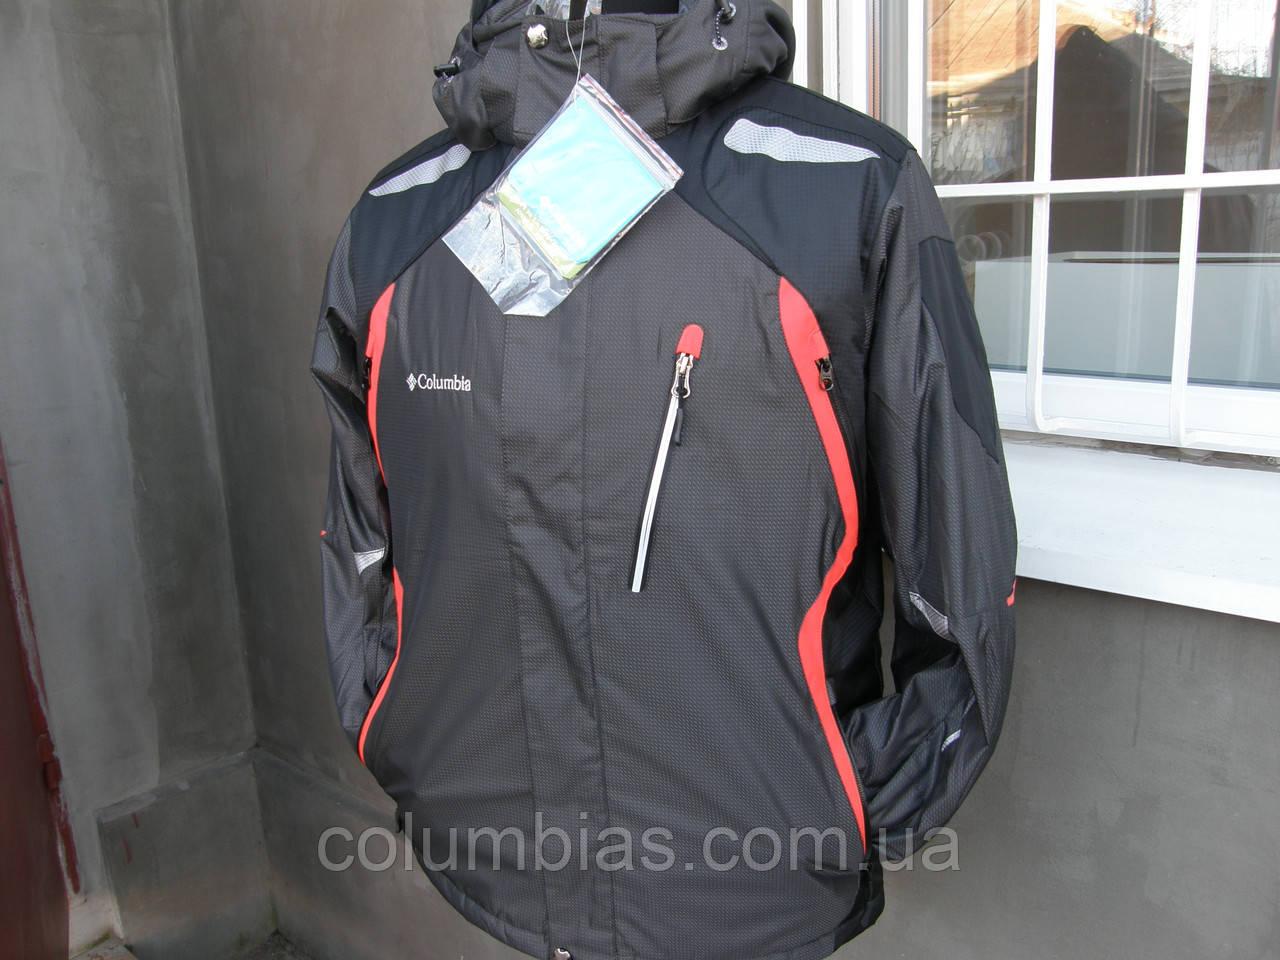 Лыжные куртки Columbua с доставкоu